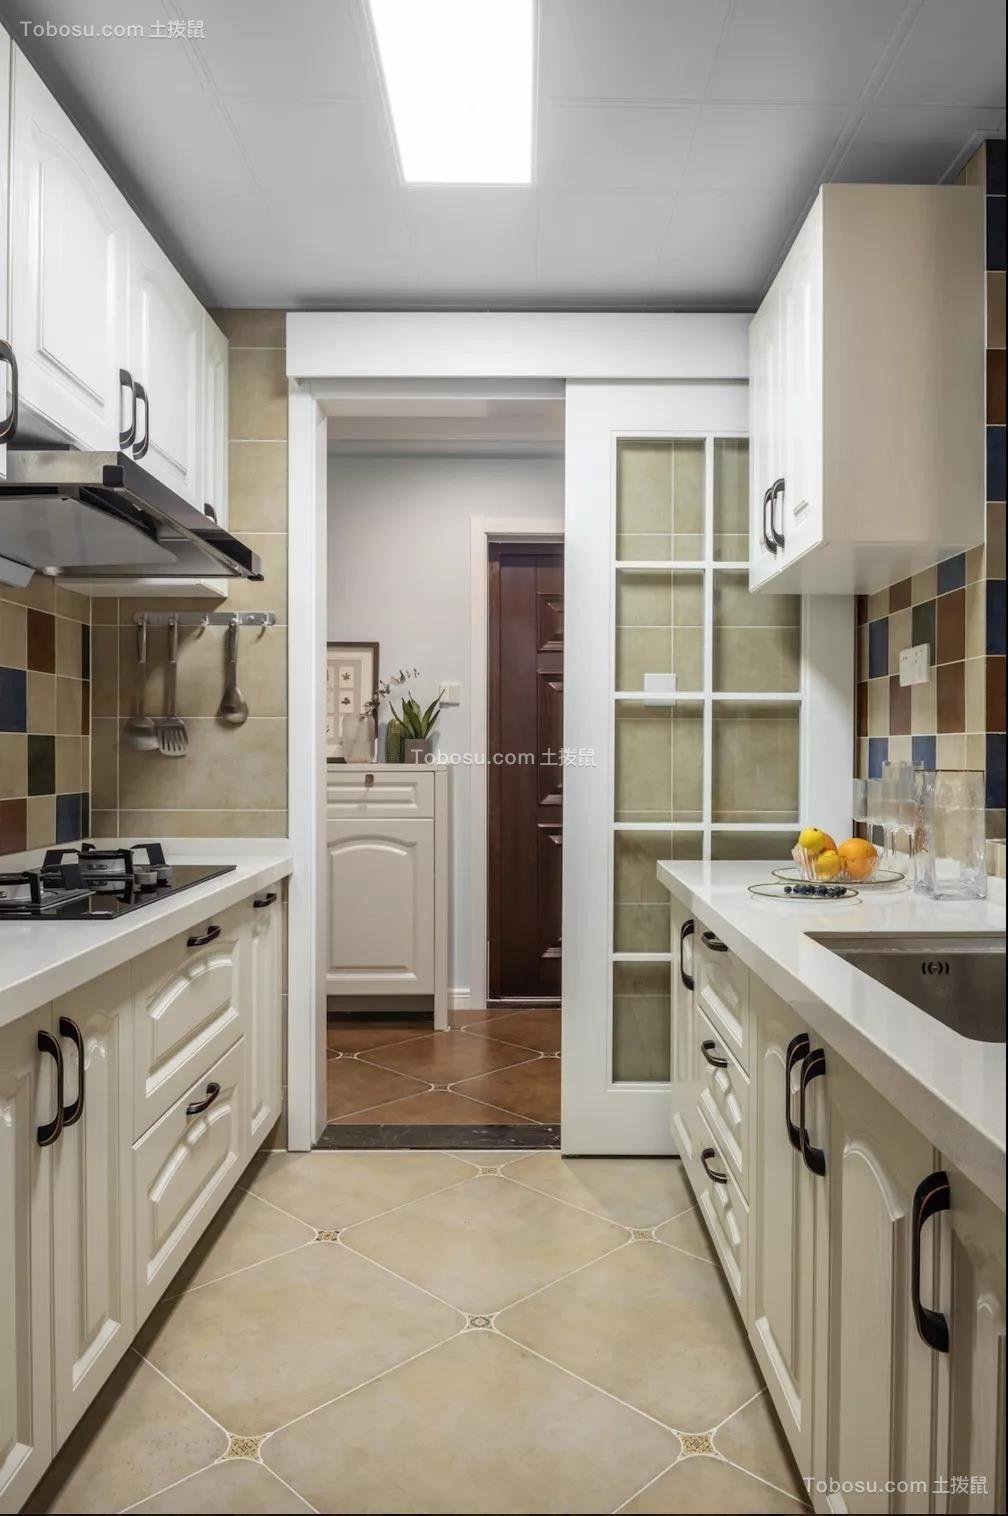 2020美式厨房装修图 2020美式厨房岛台装饰设计